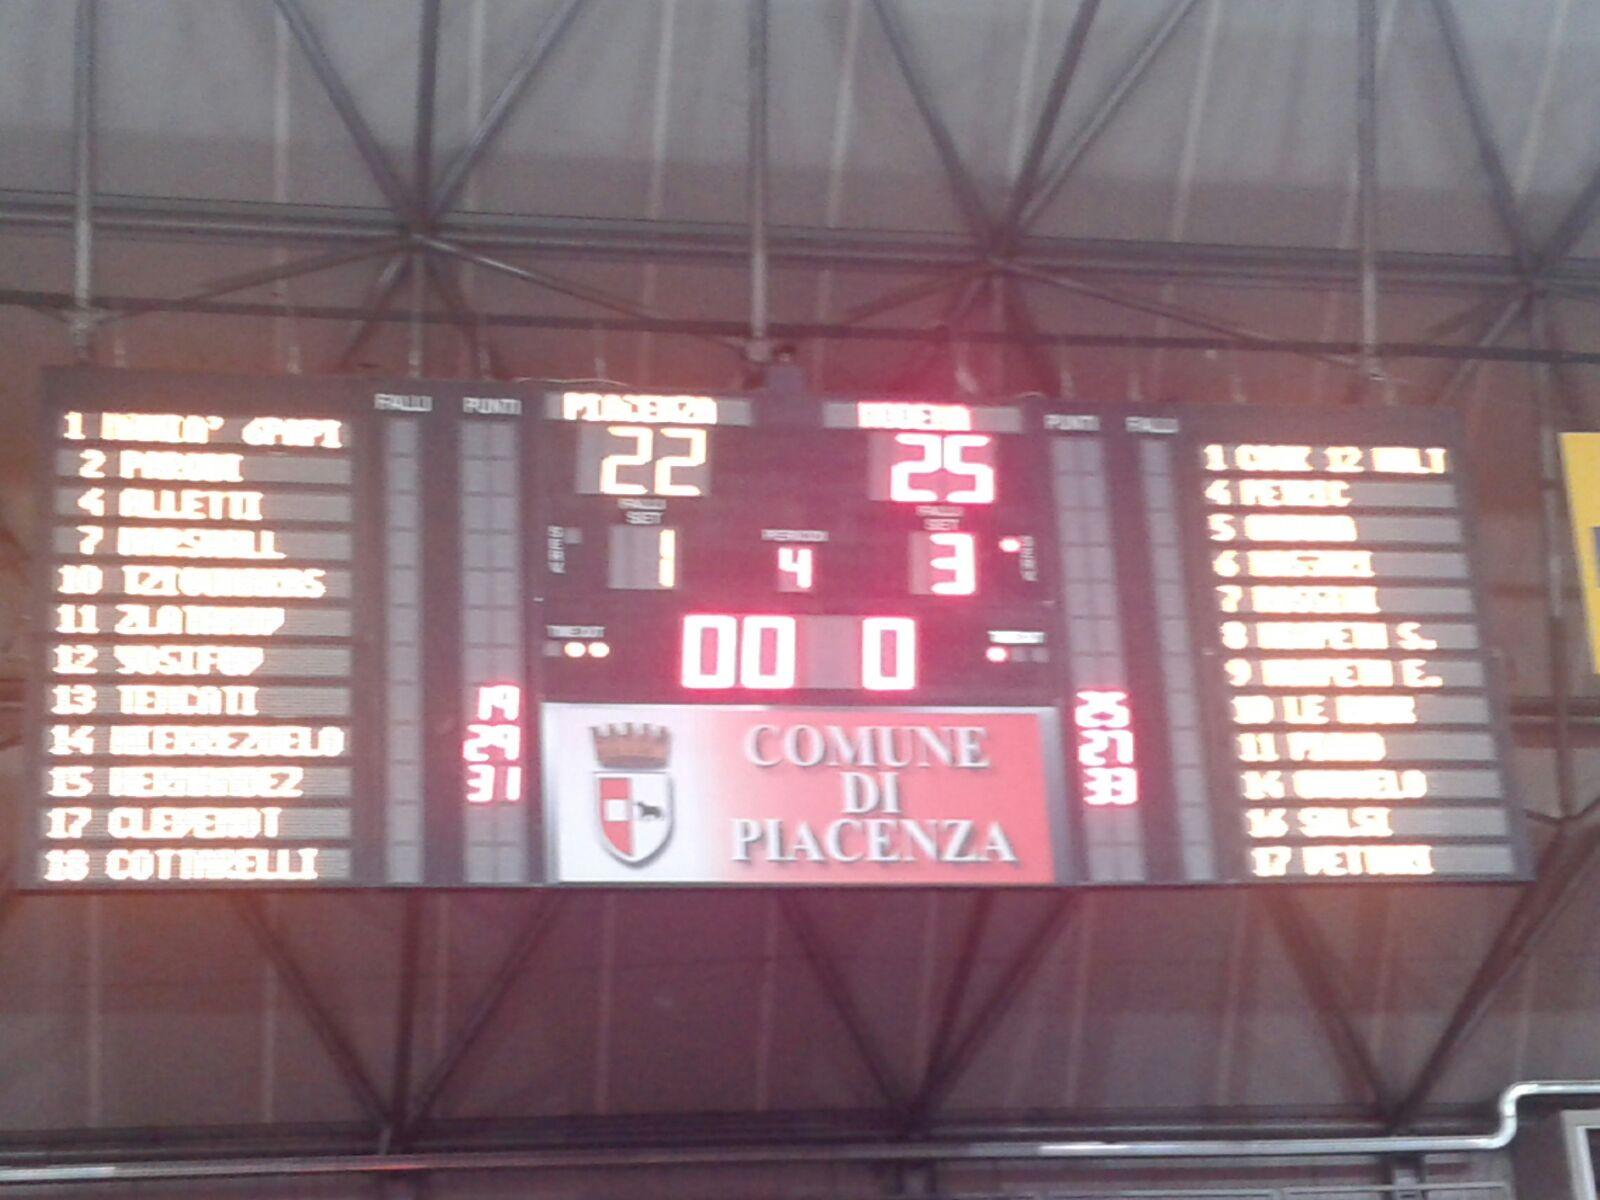 Modena, ti sei ripresa! Espugnata Piacenza: 1-3!